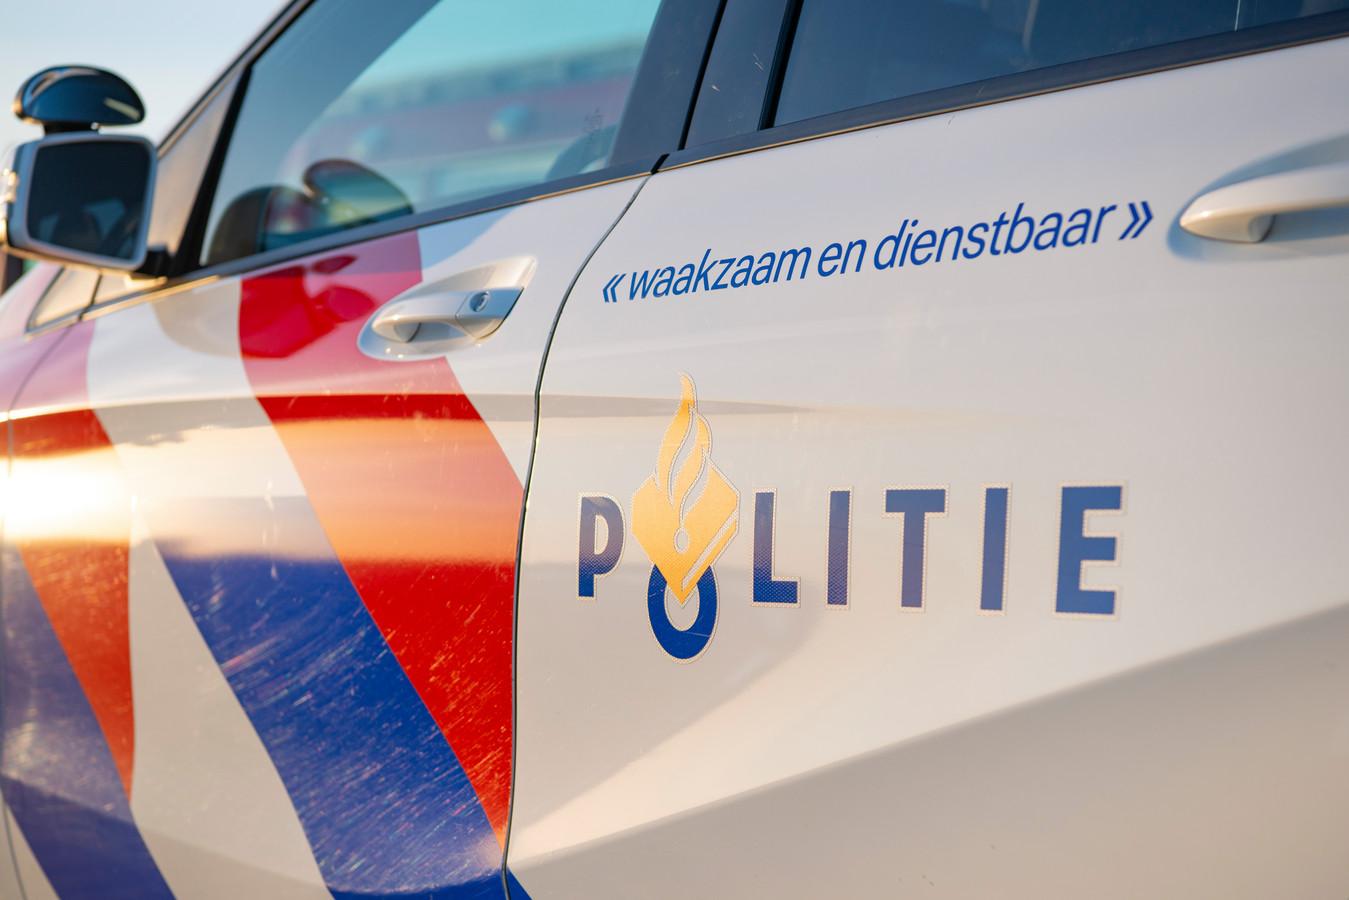 Foto ter illustratie. De politie ingezet in het buitengebied.